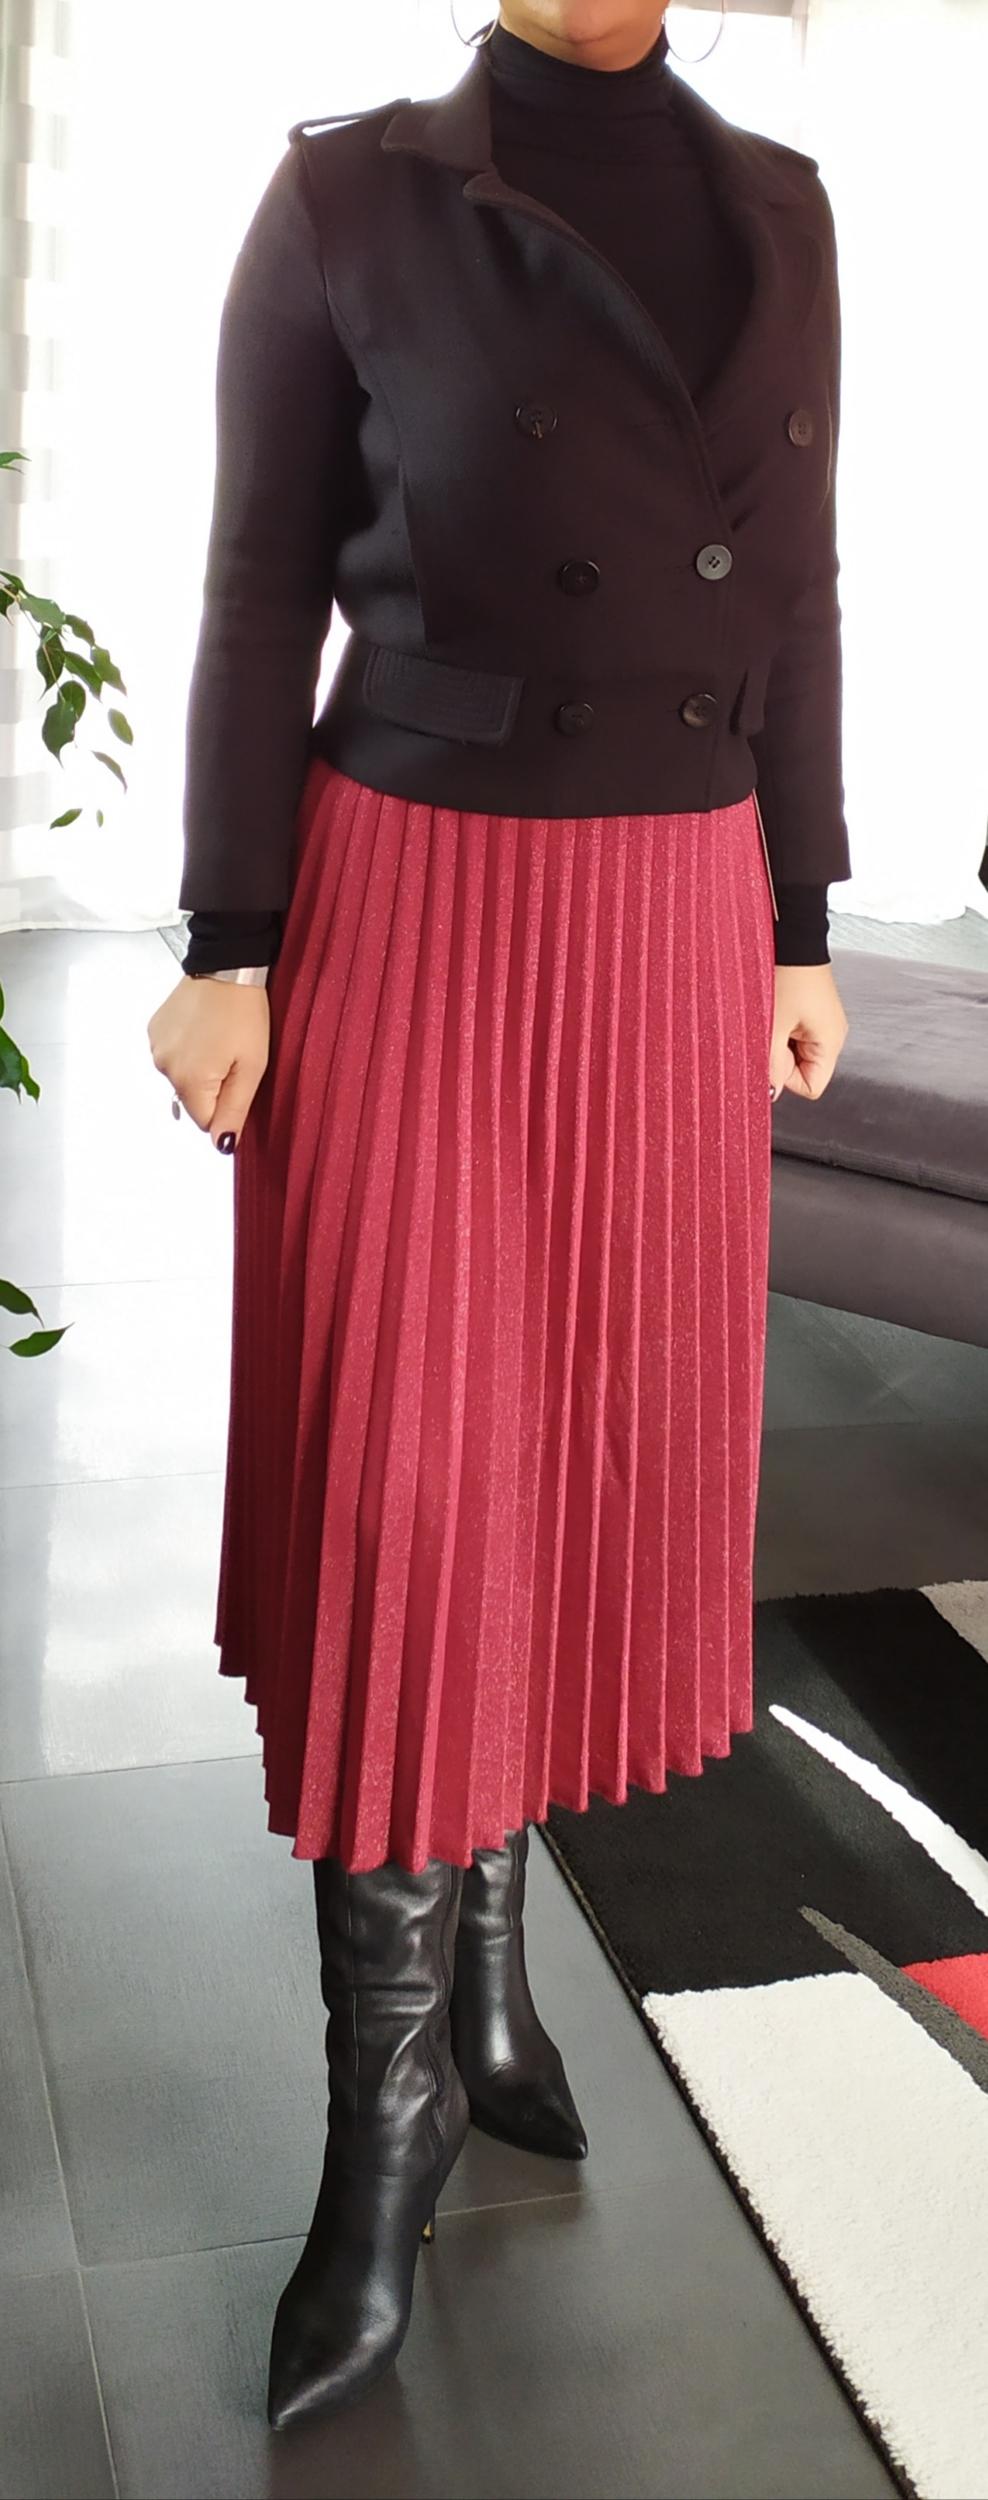 jupe plissée irisée rouge femme